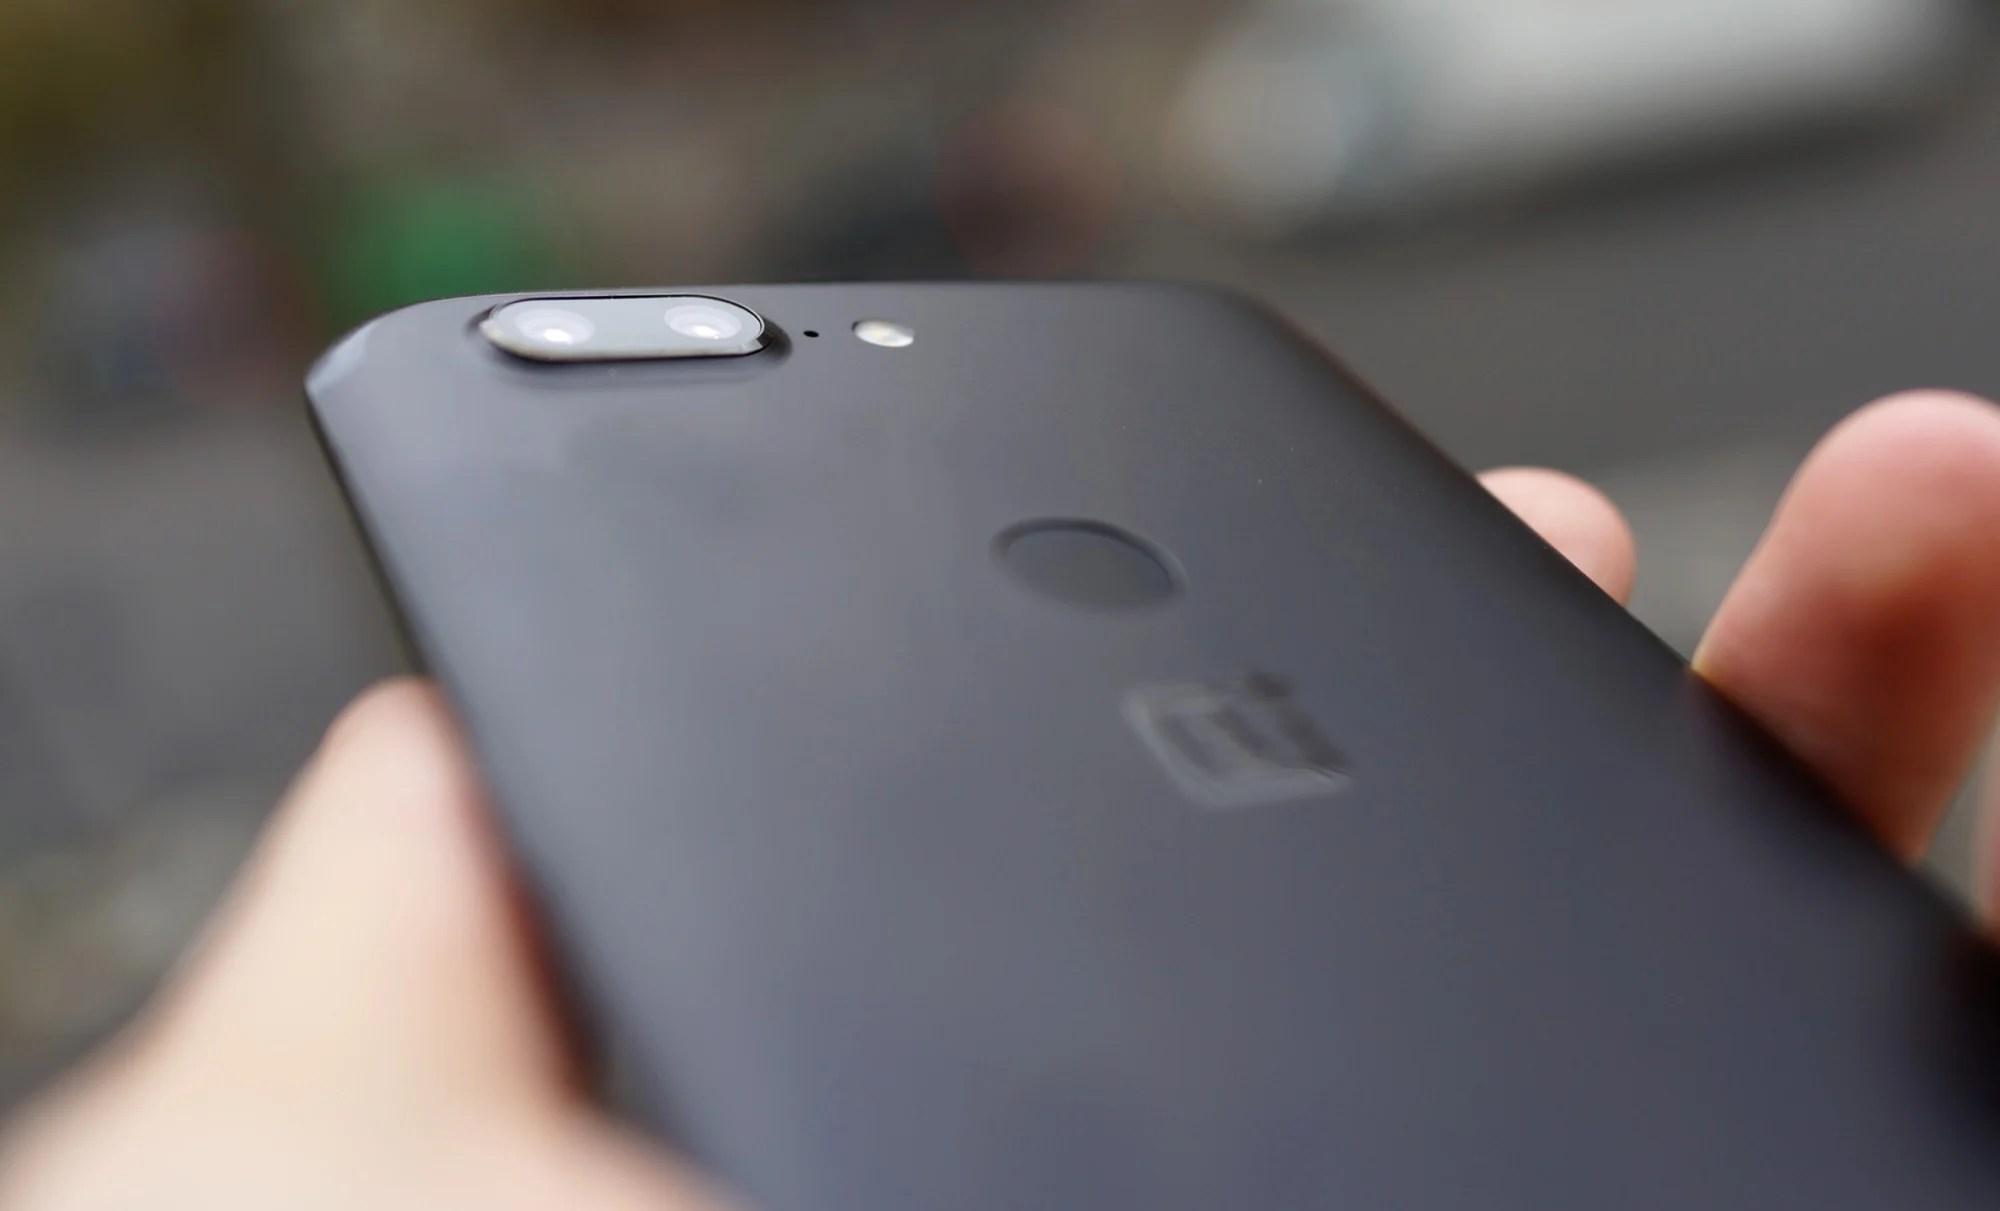 OnePlus 5T : la qualité photo va être améliorée prochainement